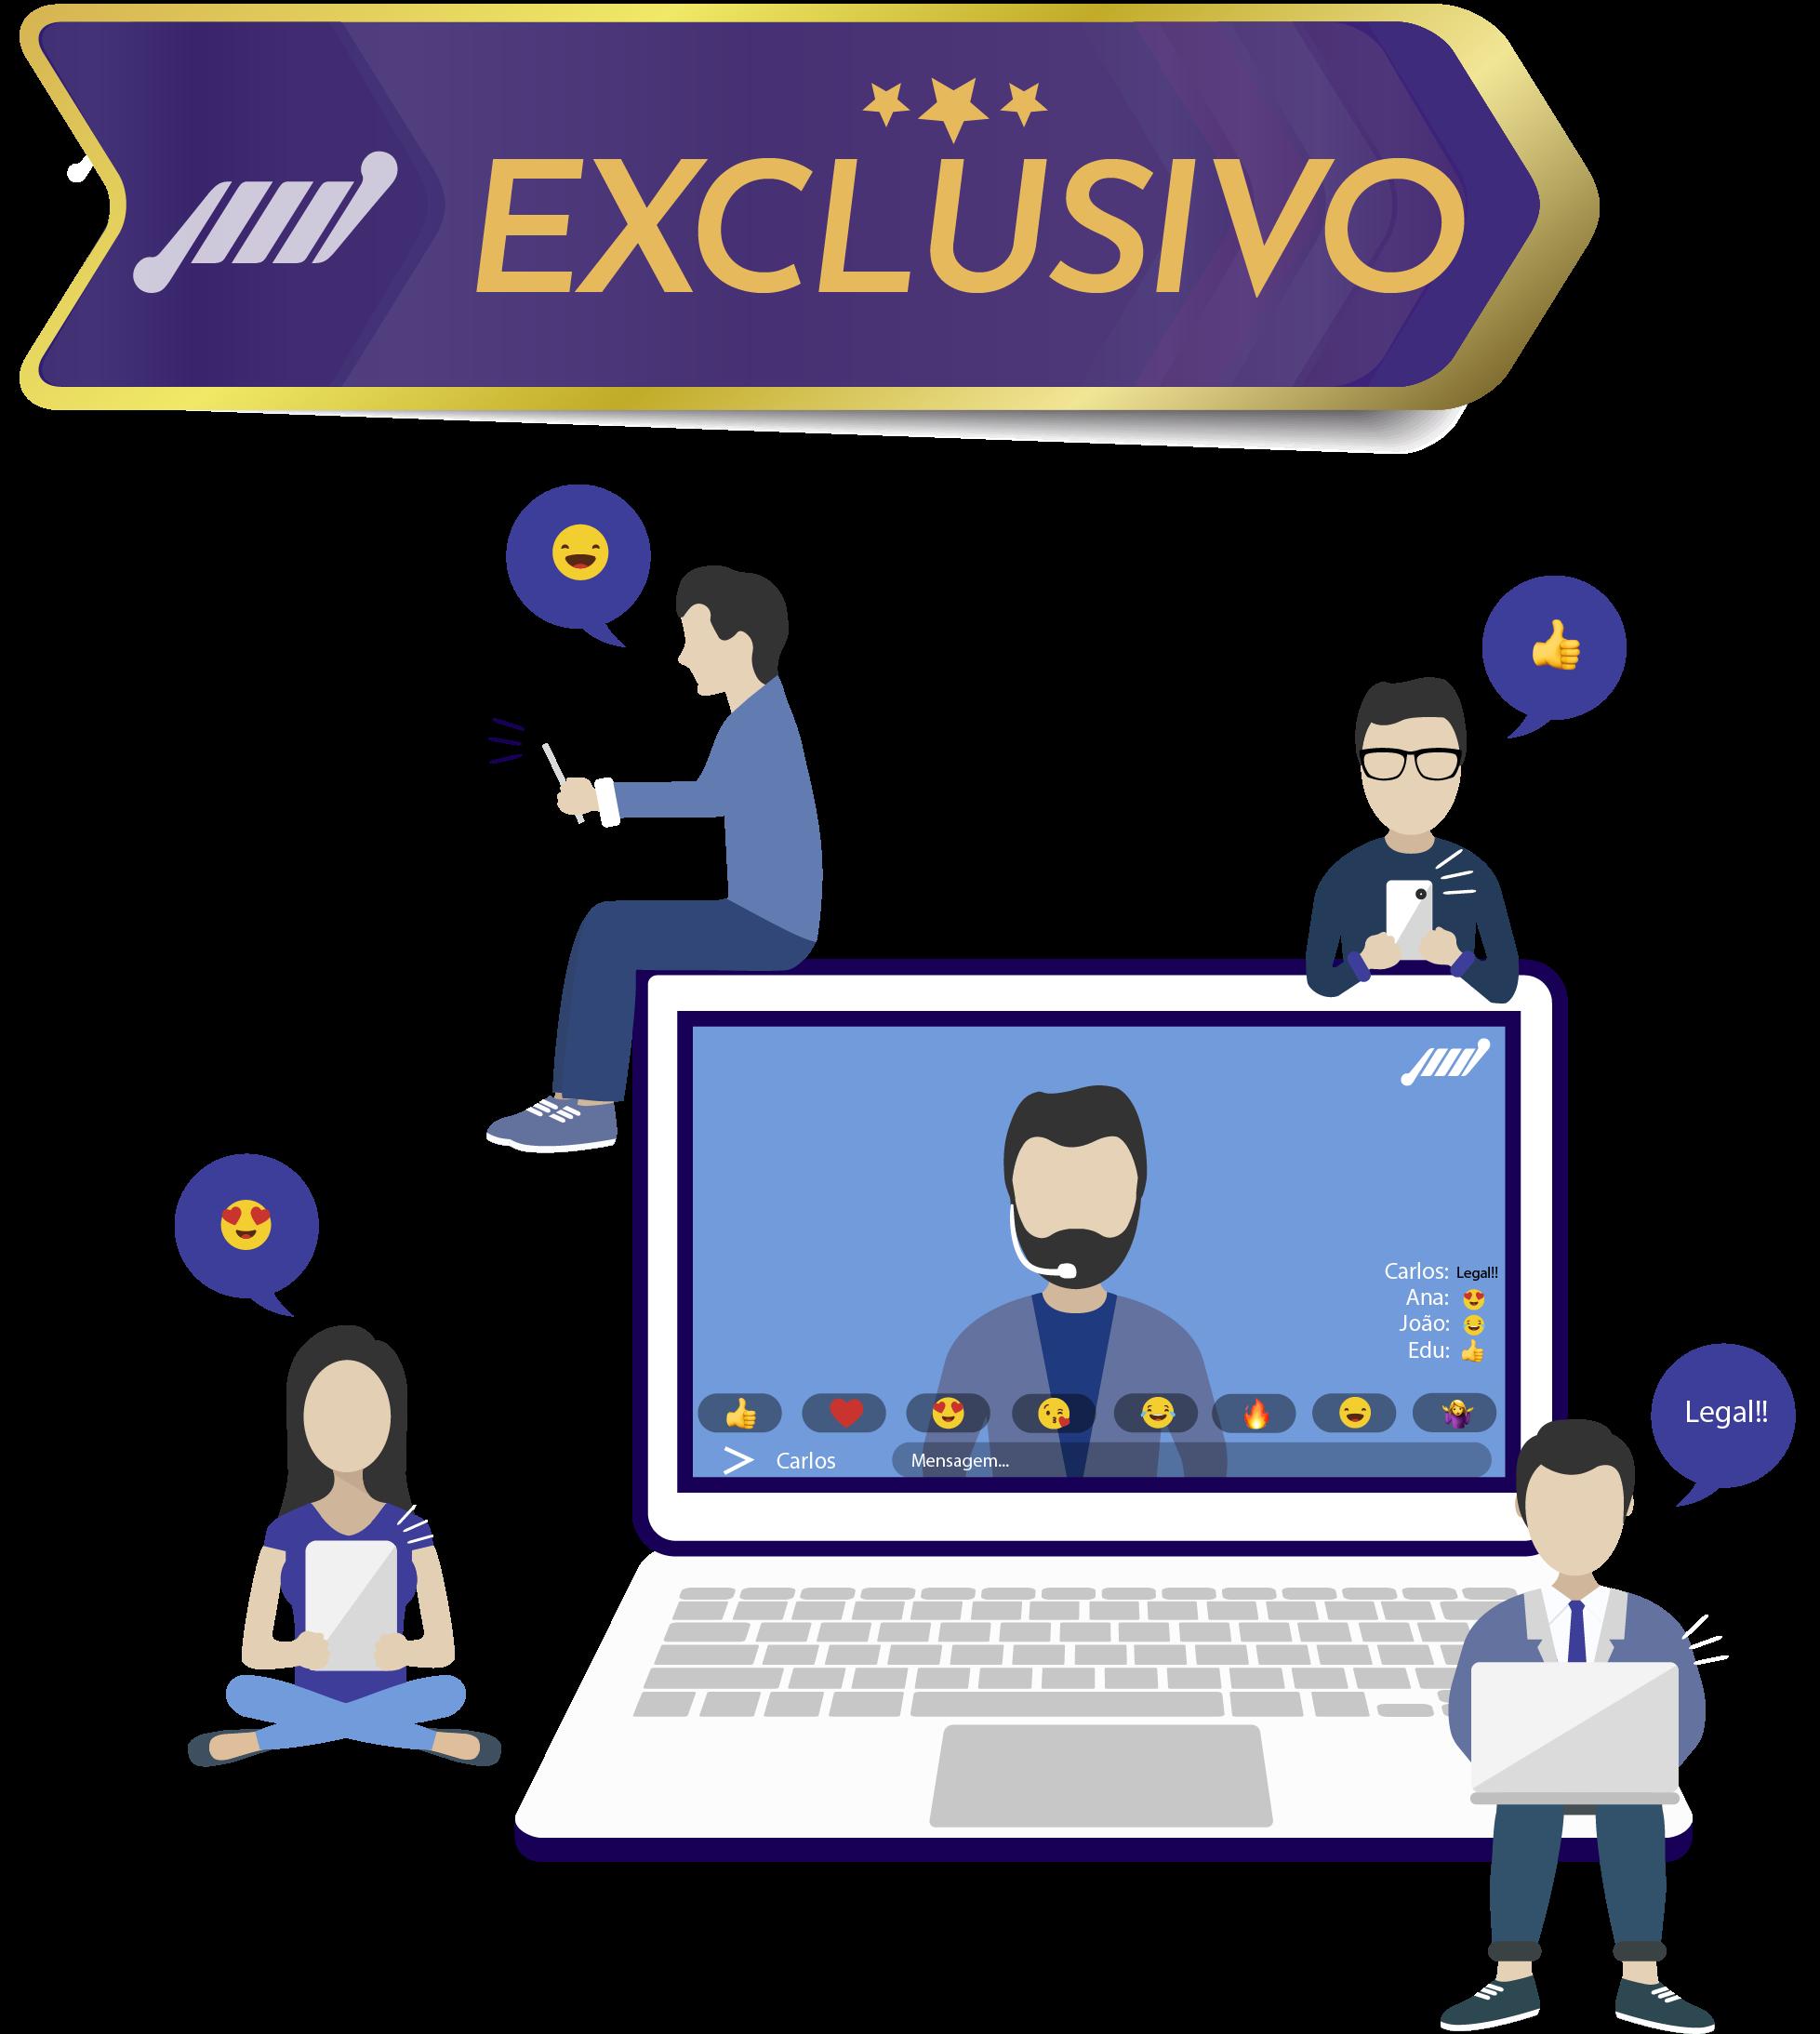 exclusivo chat integrado streaming de video